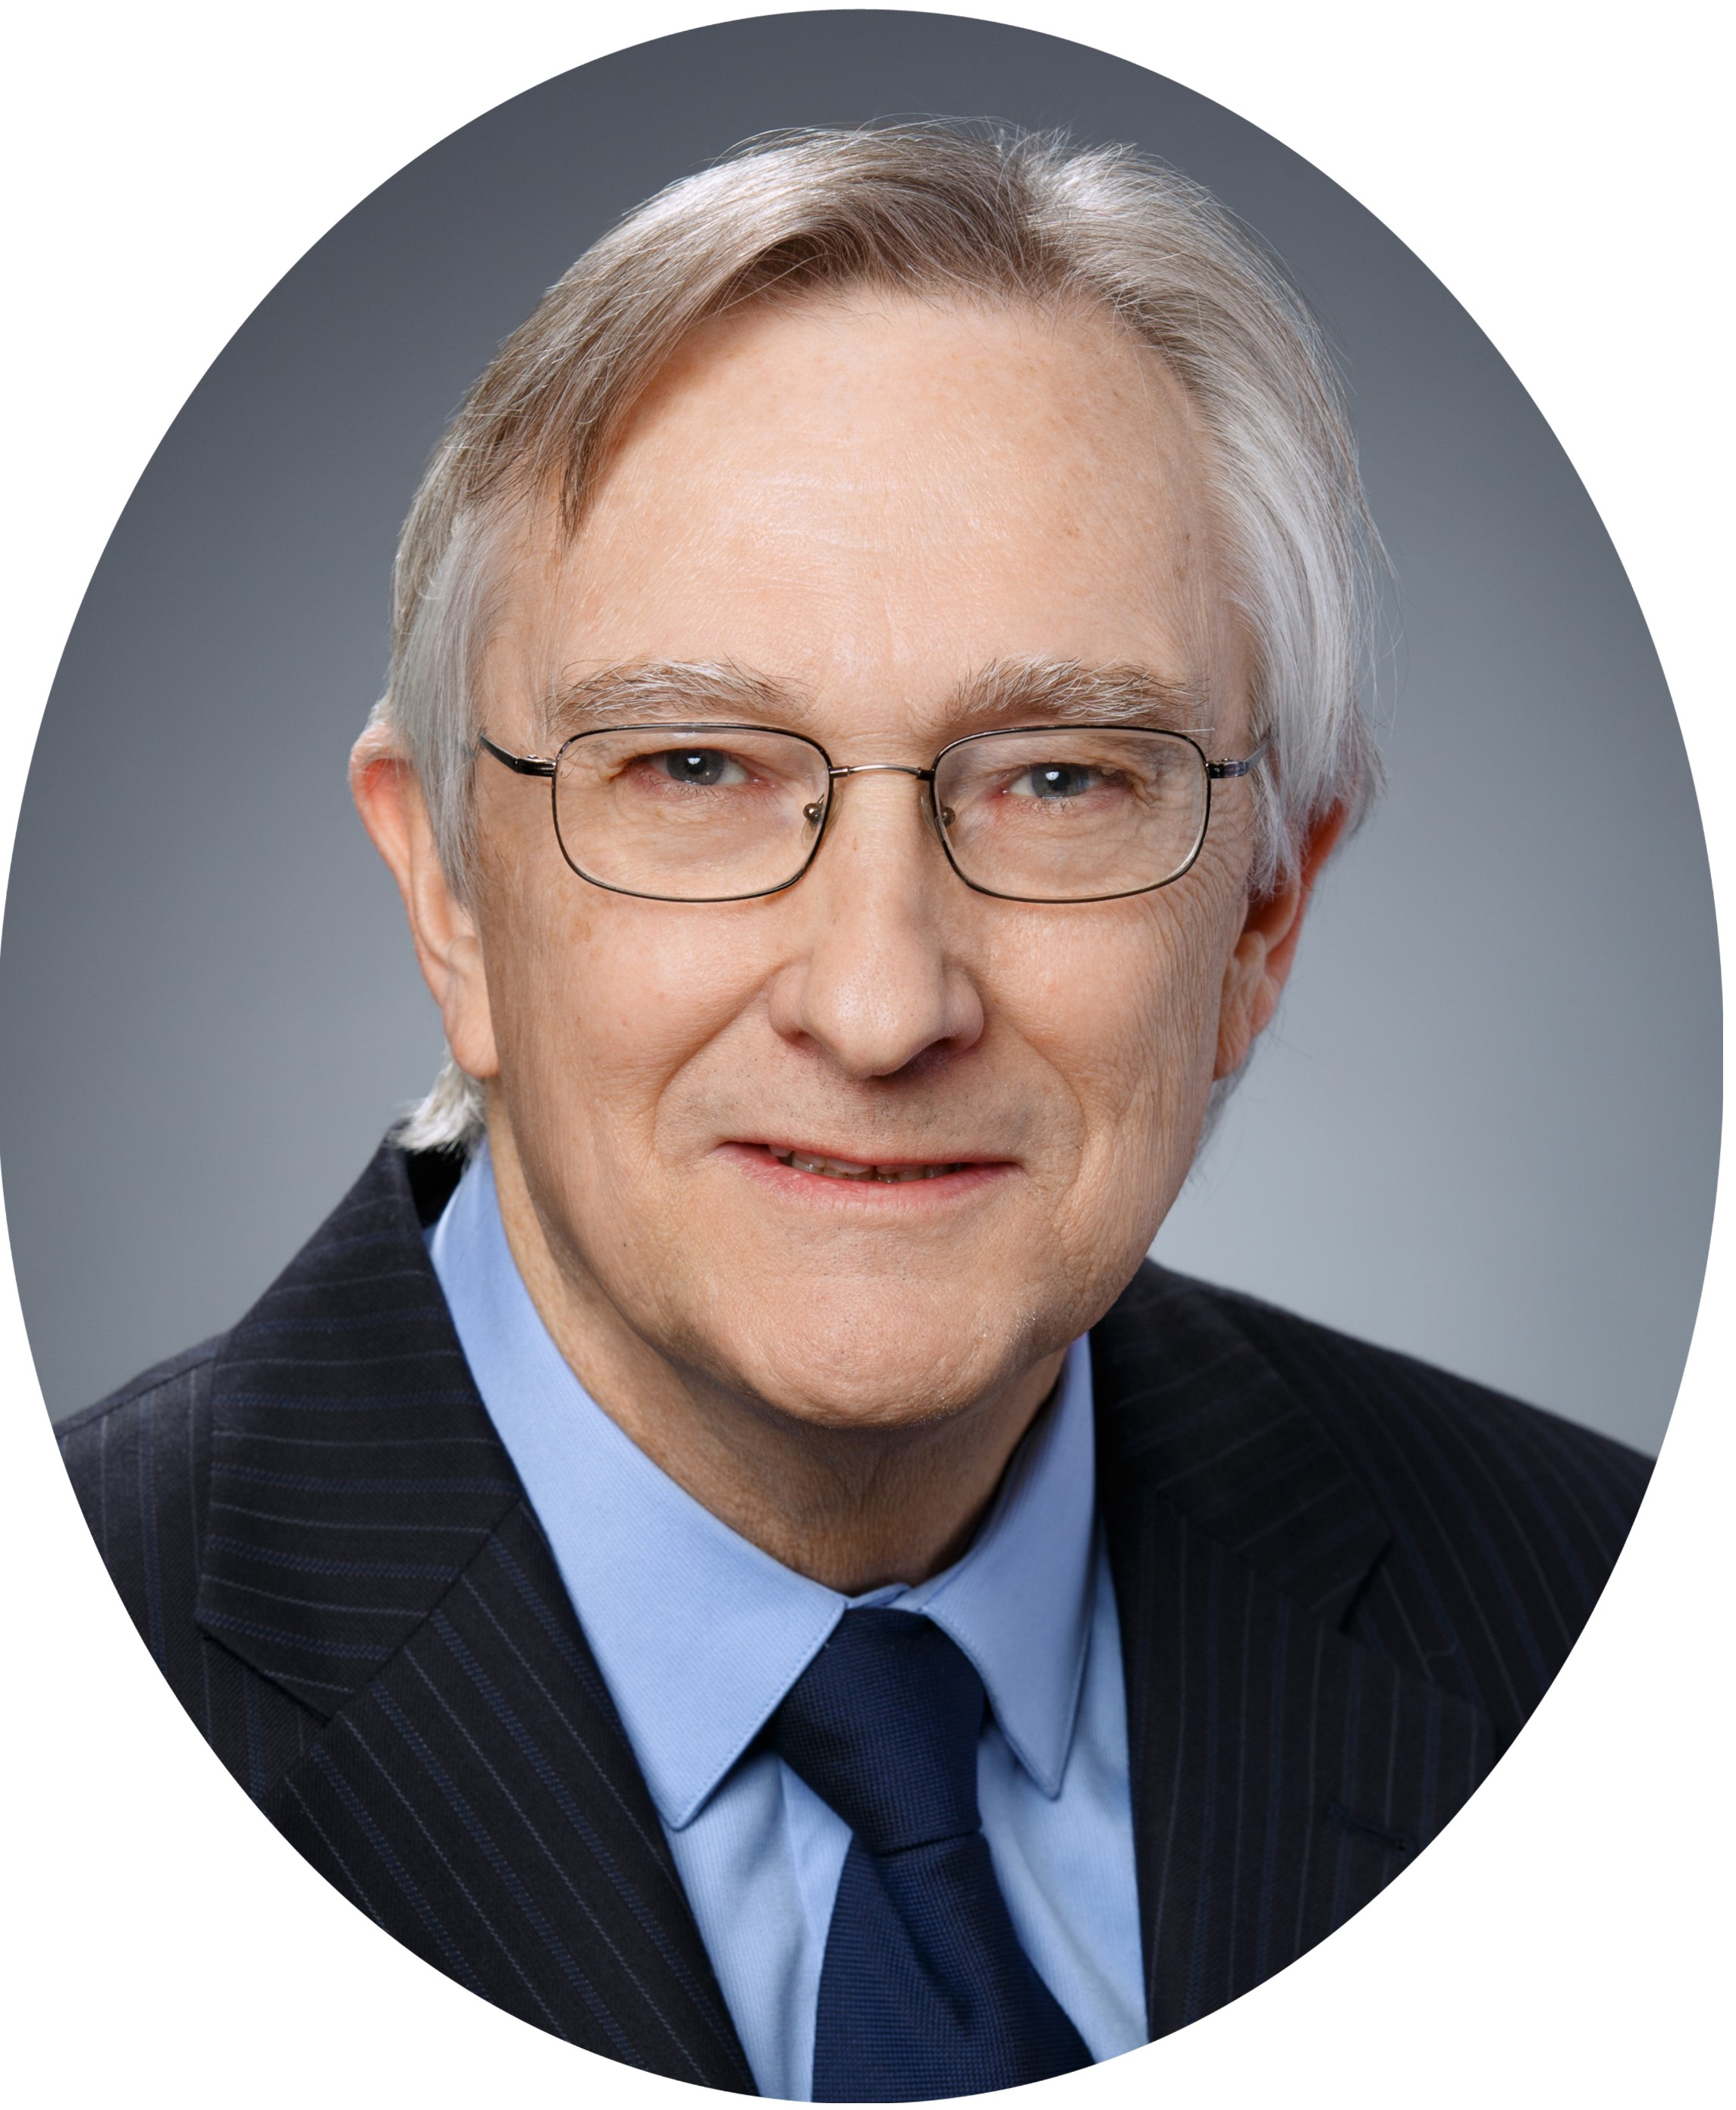 John Sturrup